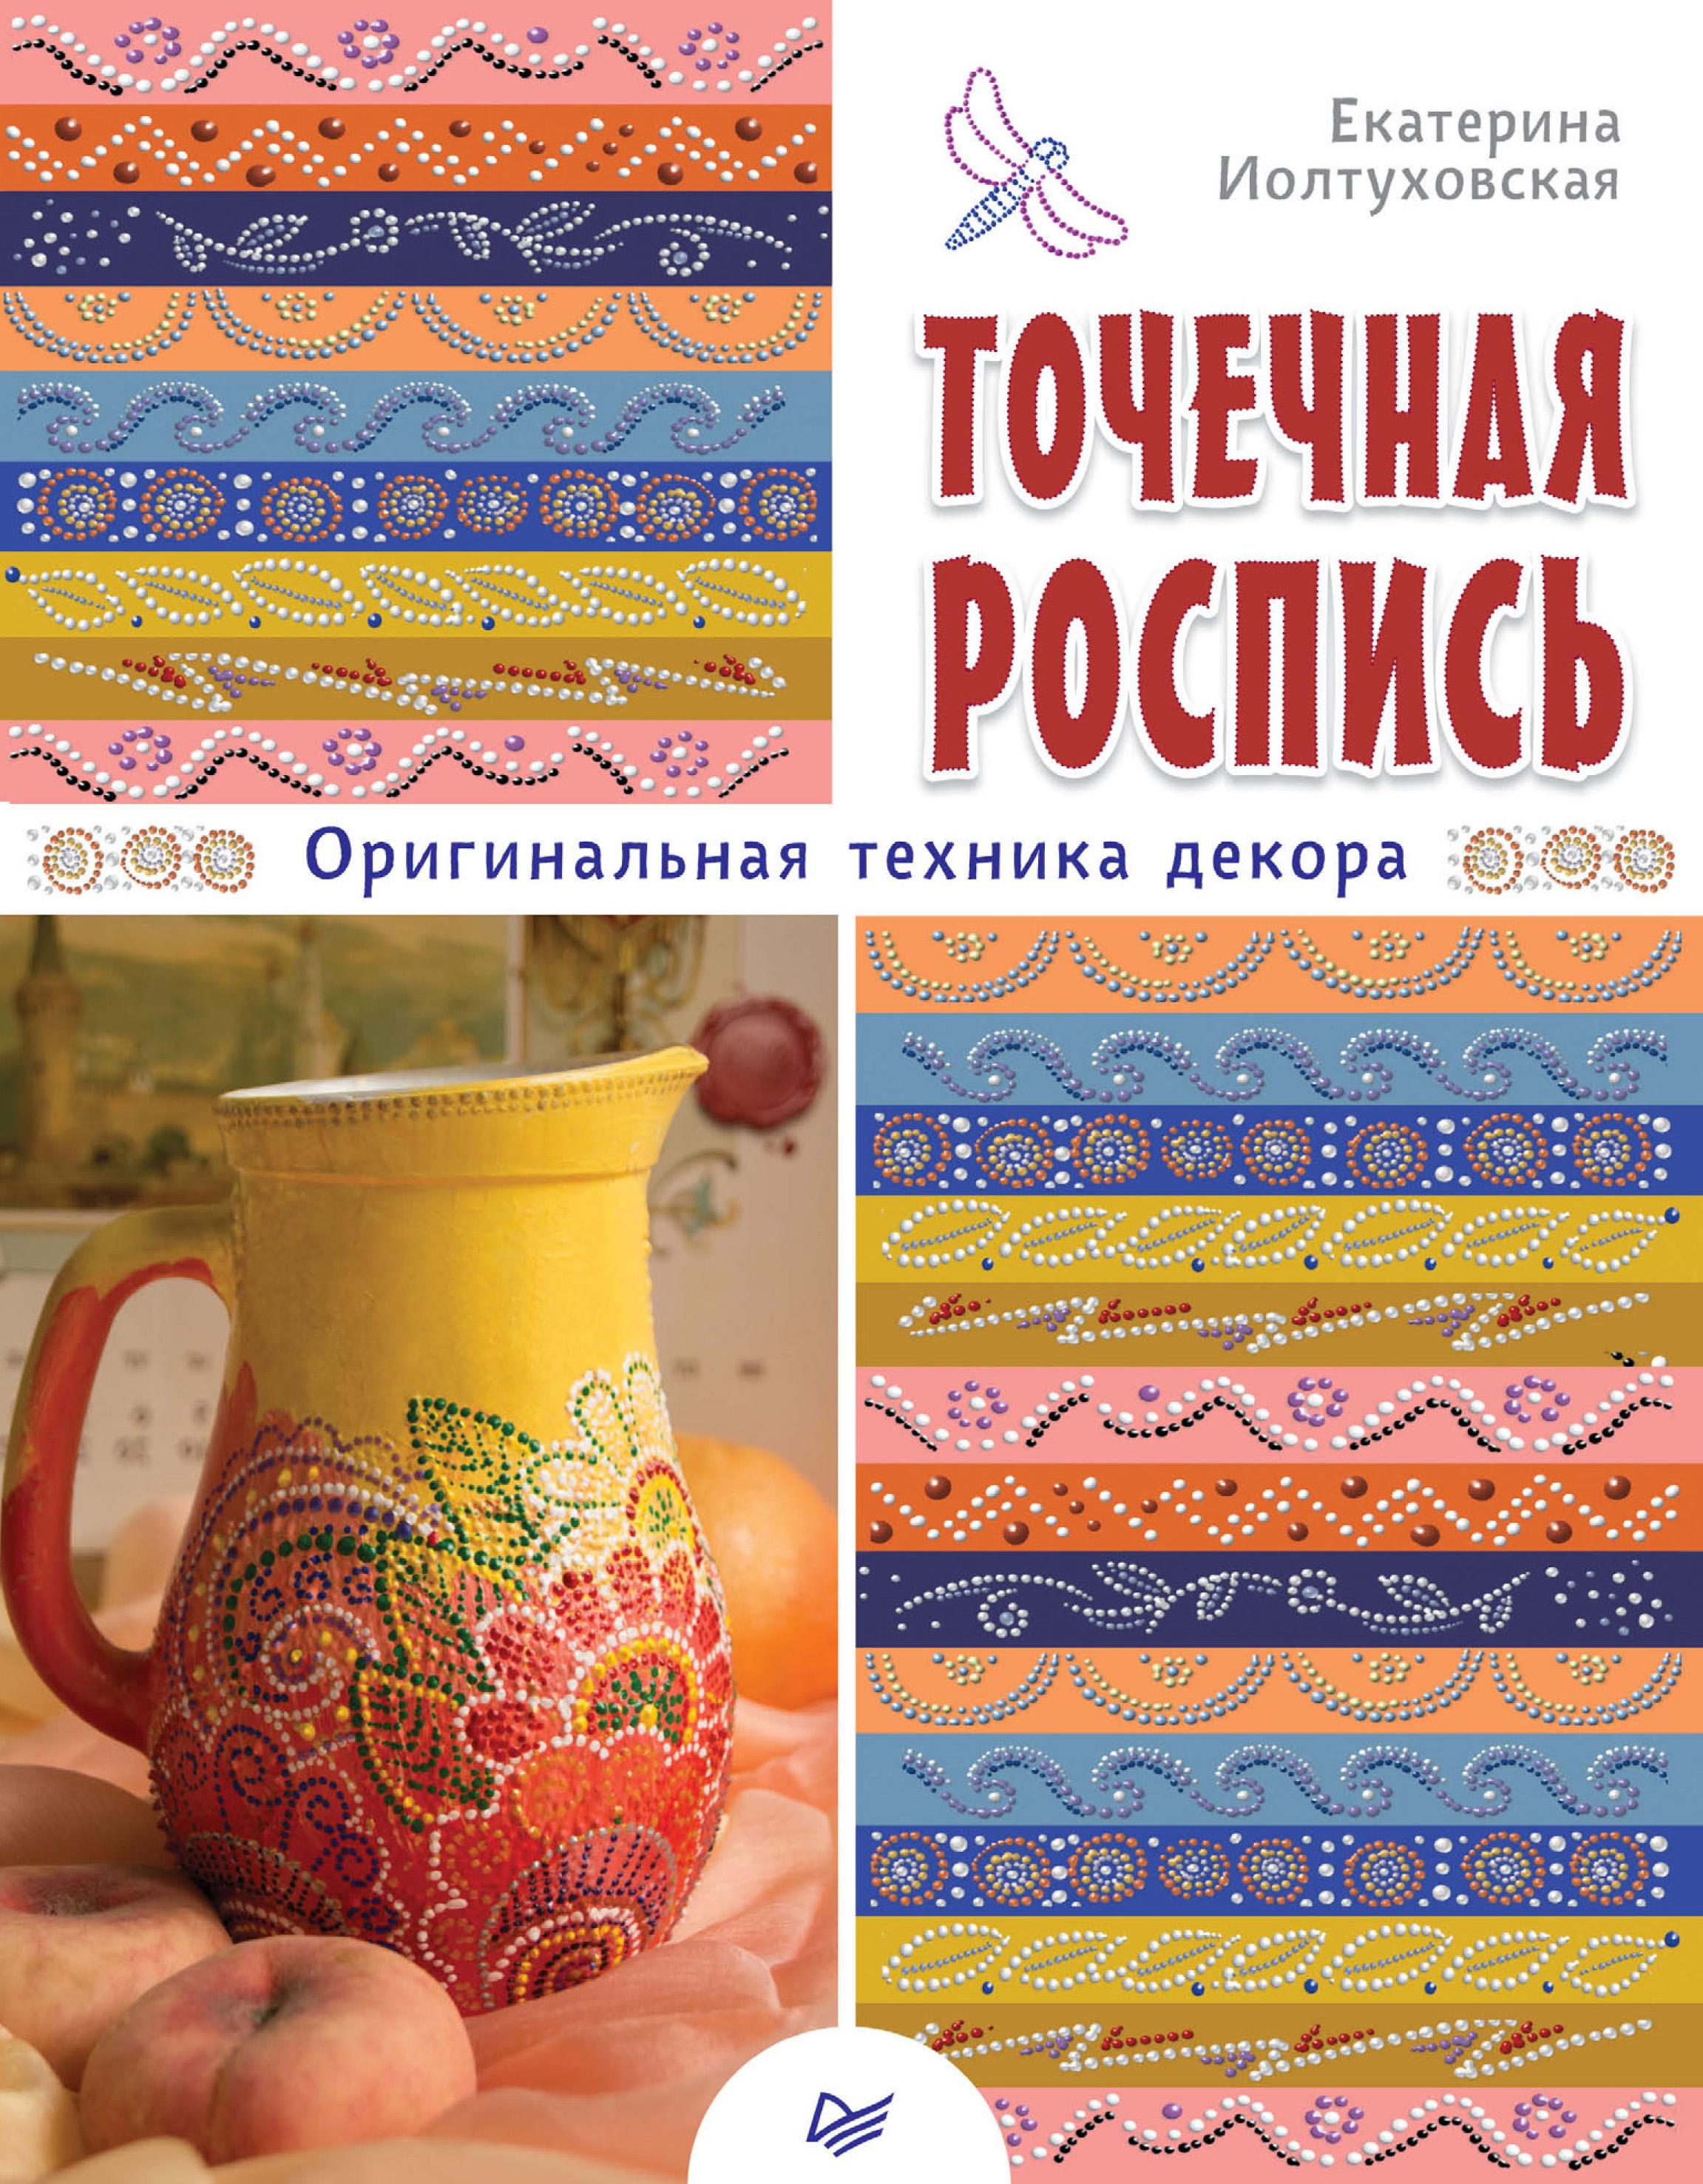 Екатерина Иолтуховская Точечная роспись. Оригинальная техника декора